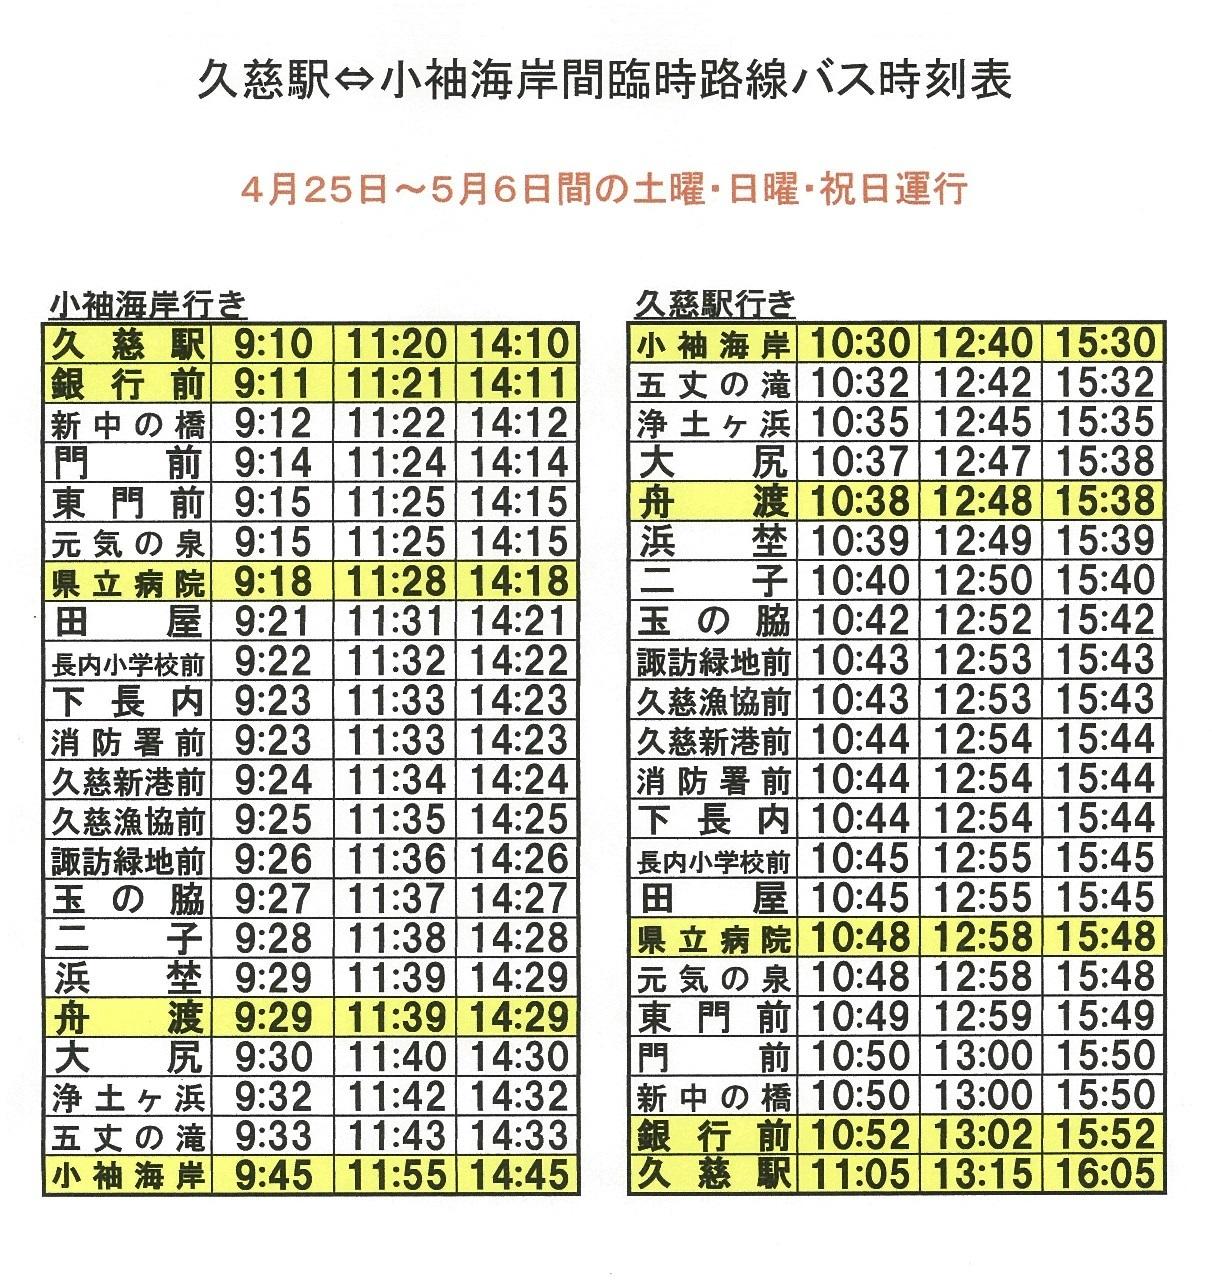 久慈駅小袖間臨時バス.jpg